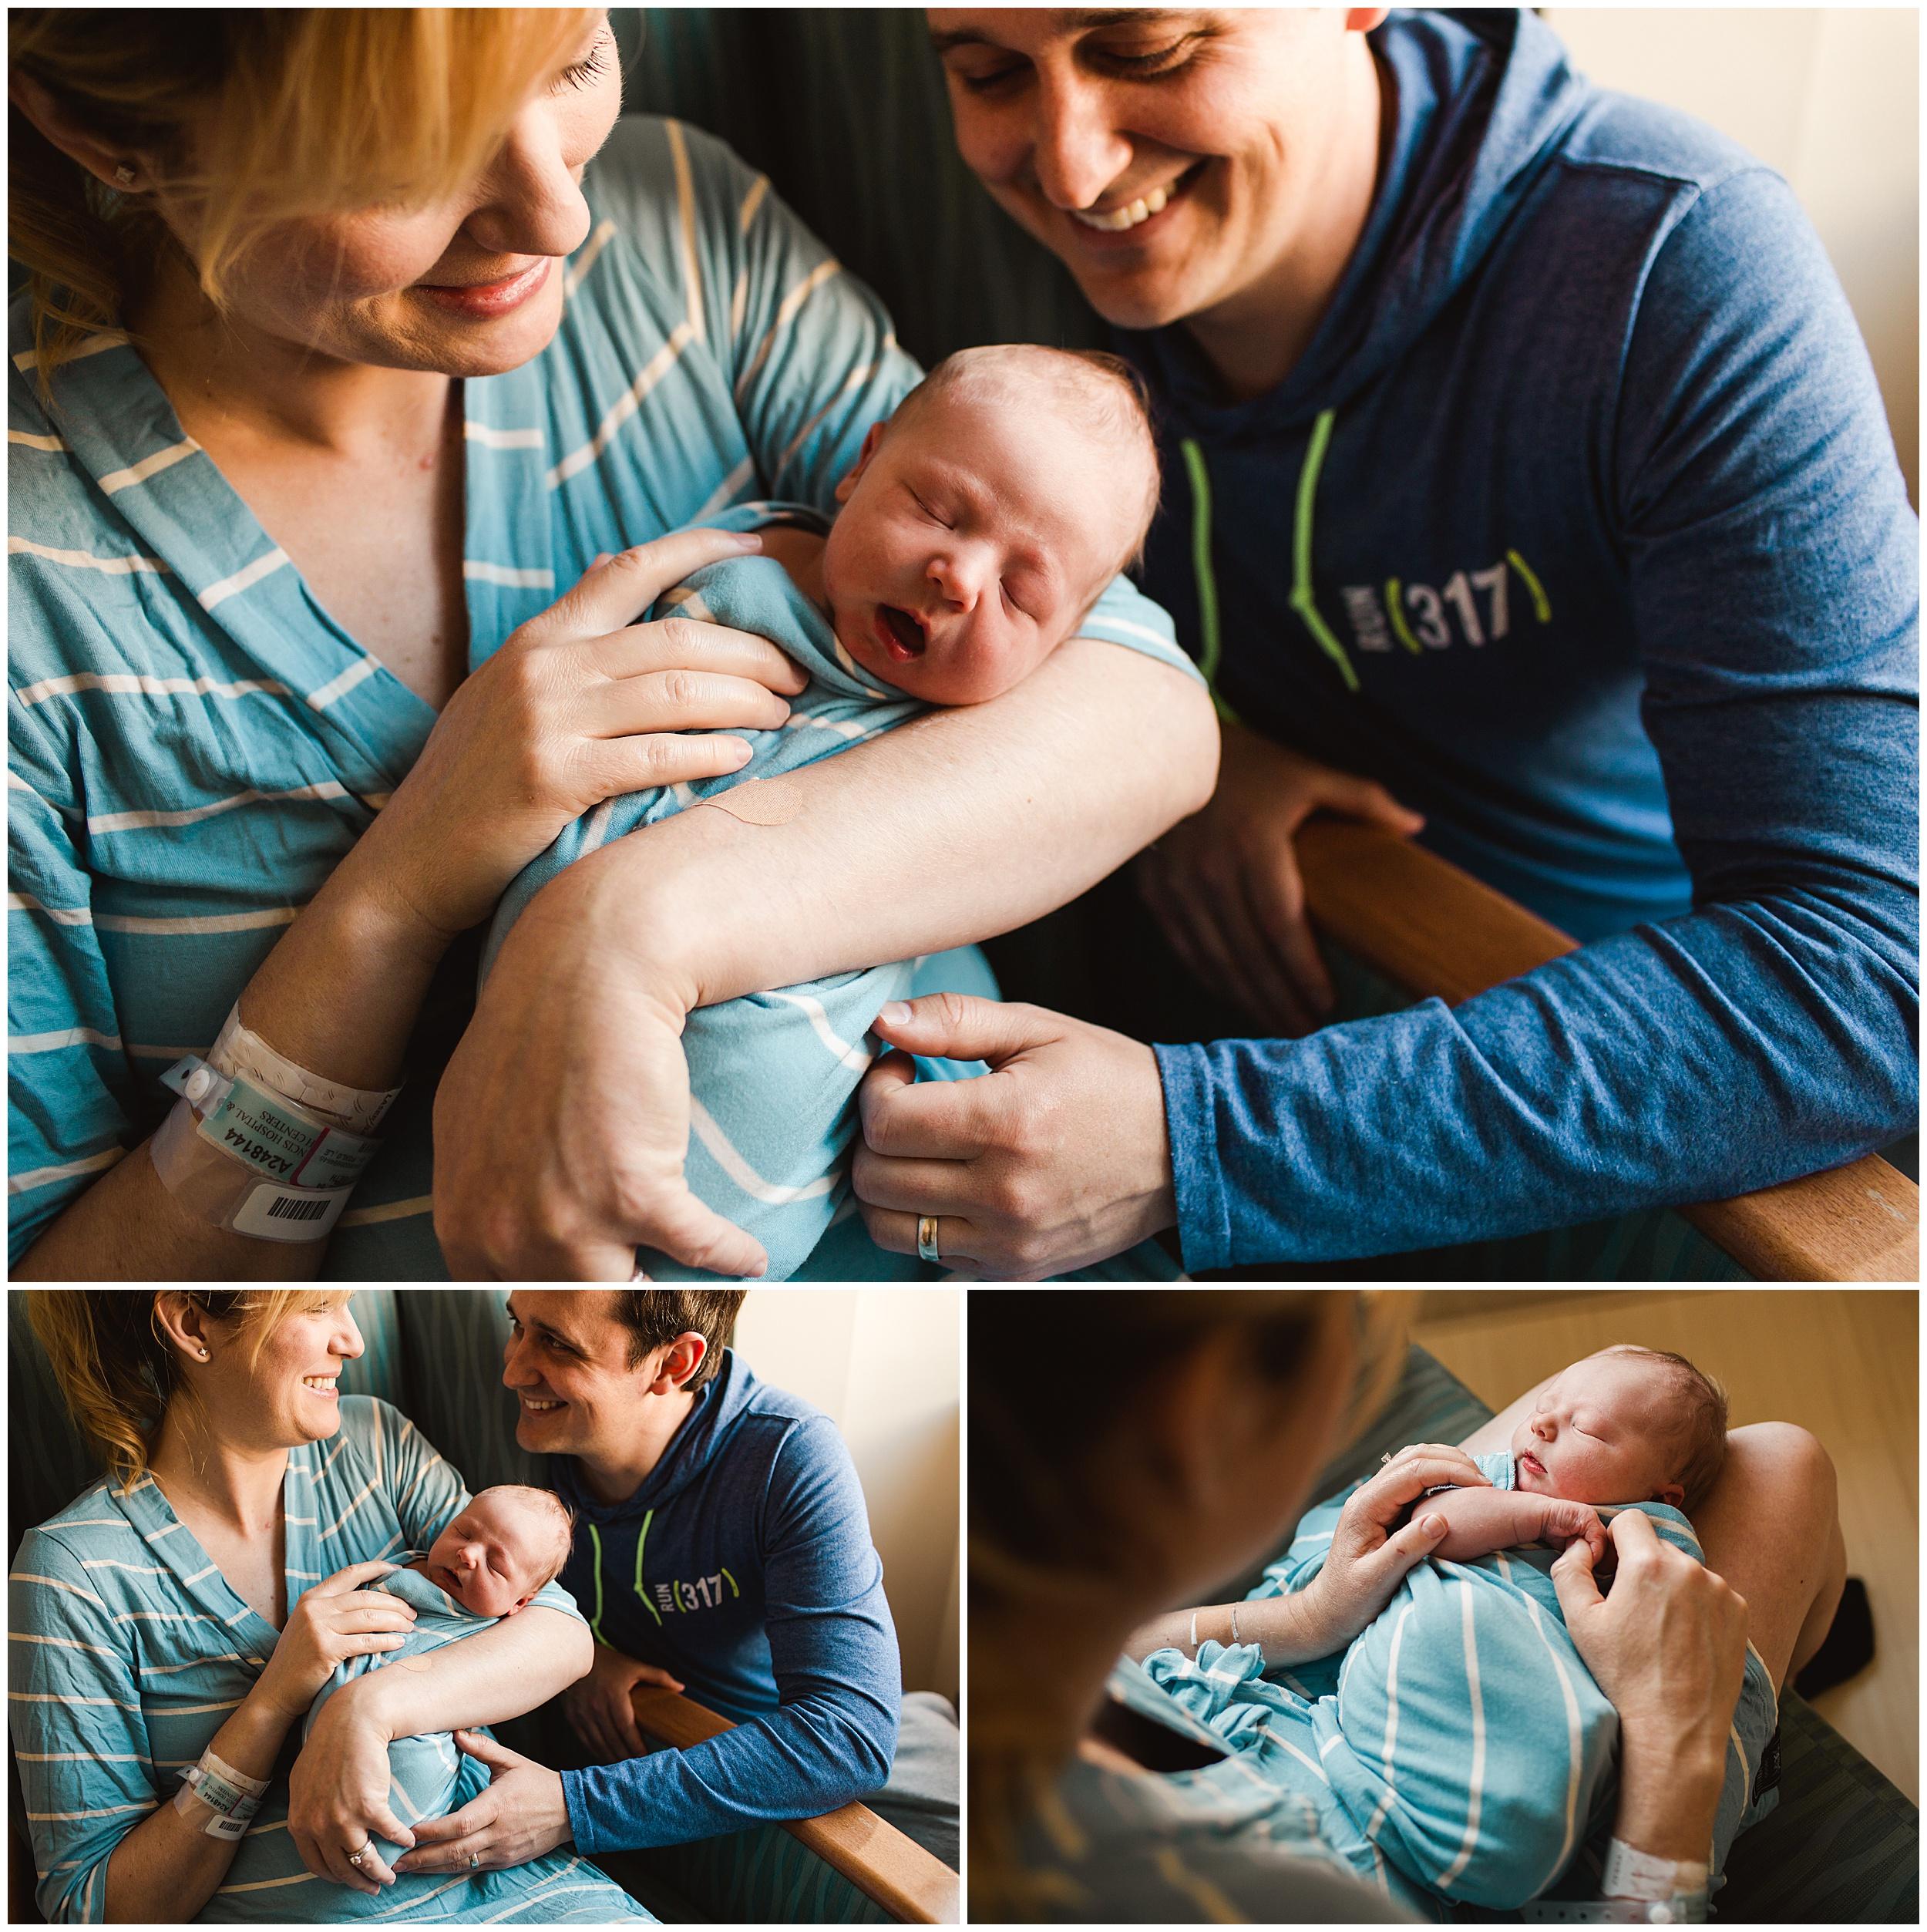 Indianapolis Family Photographer_Kelli White Photography_IG_0141.jpg